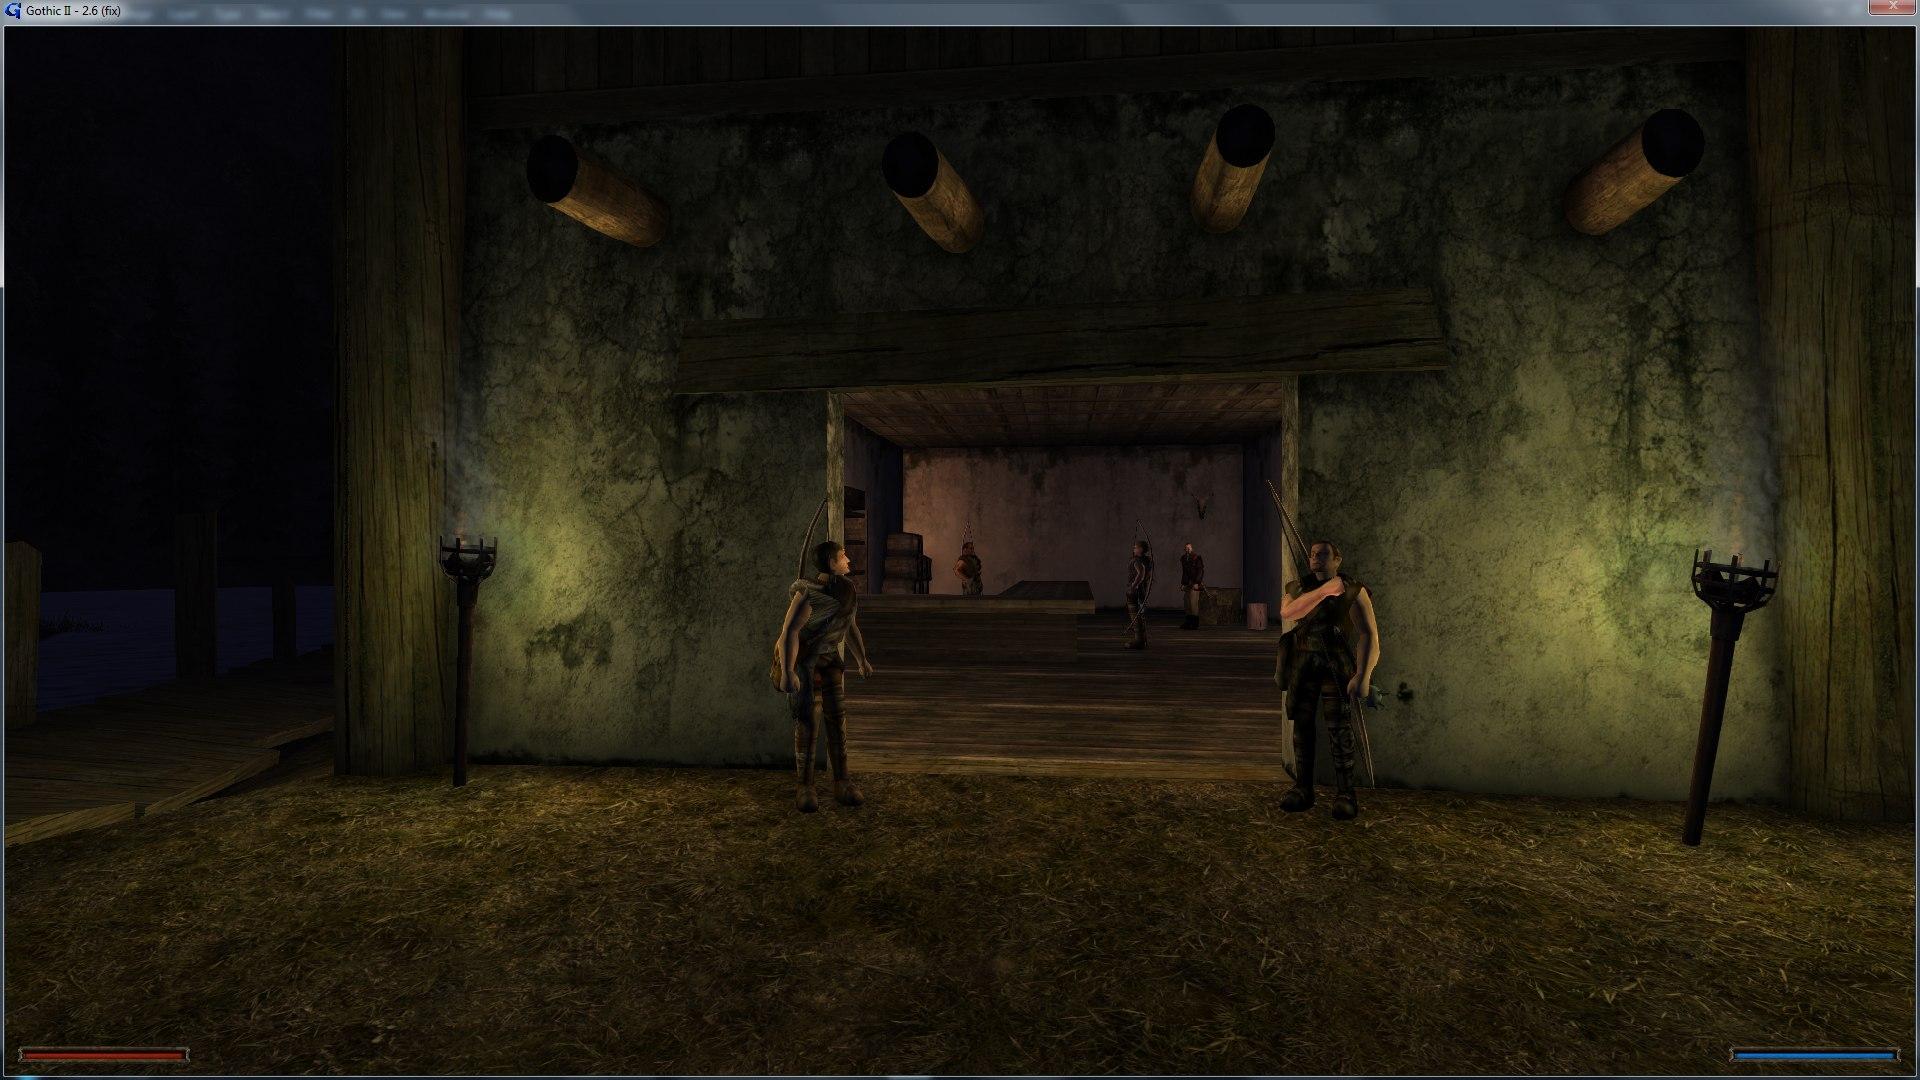 Порт Gothic 1 на движок Gothic 2 - Gothic